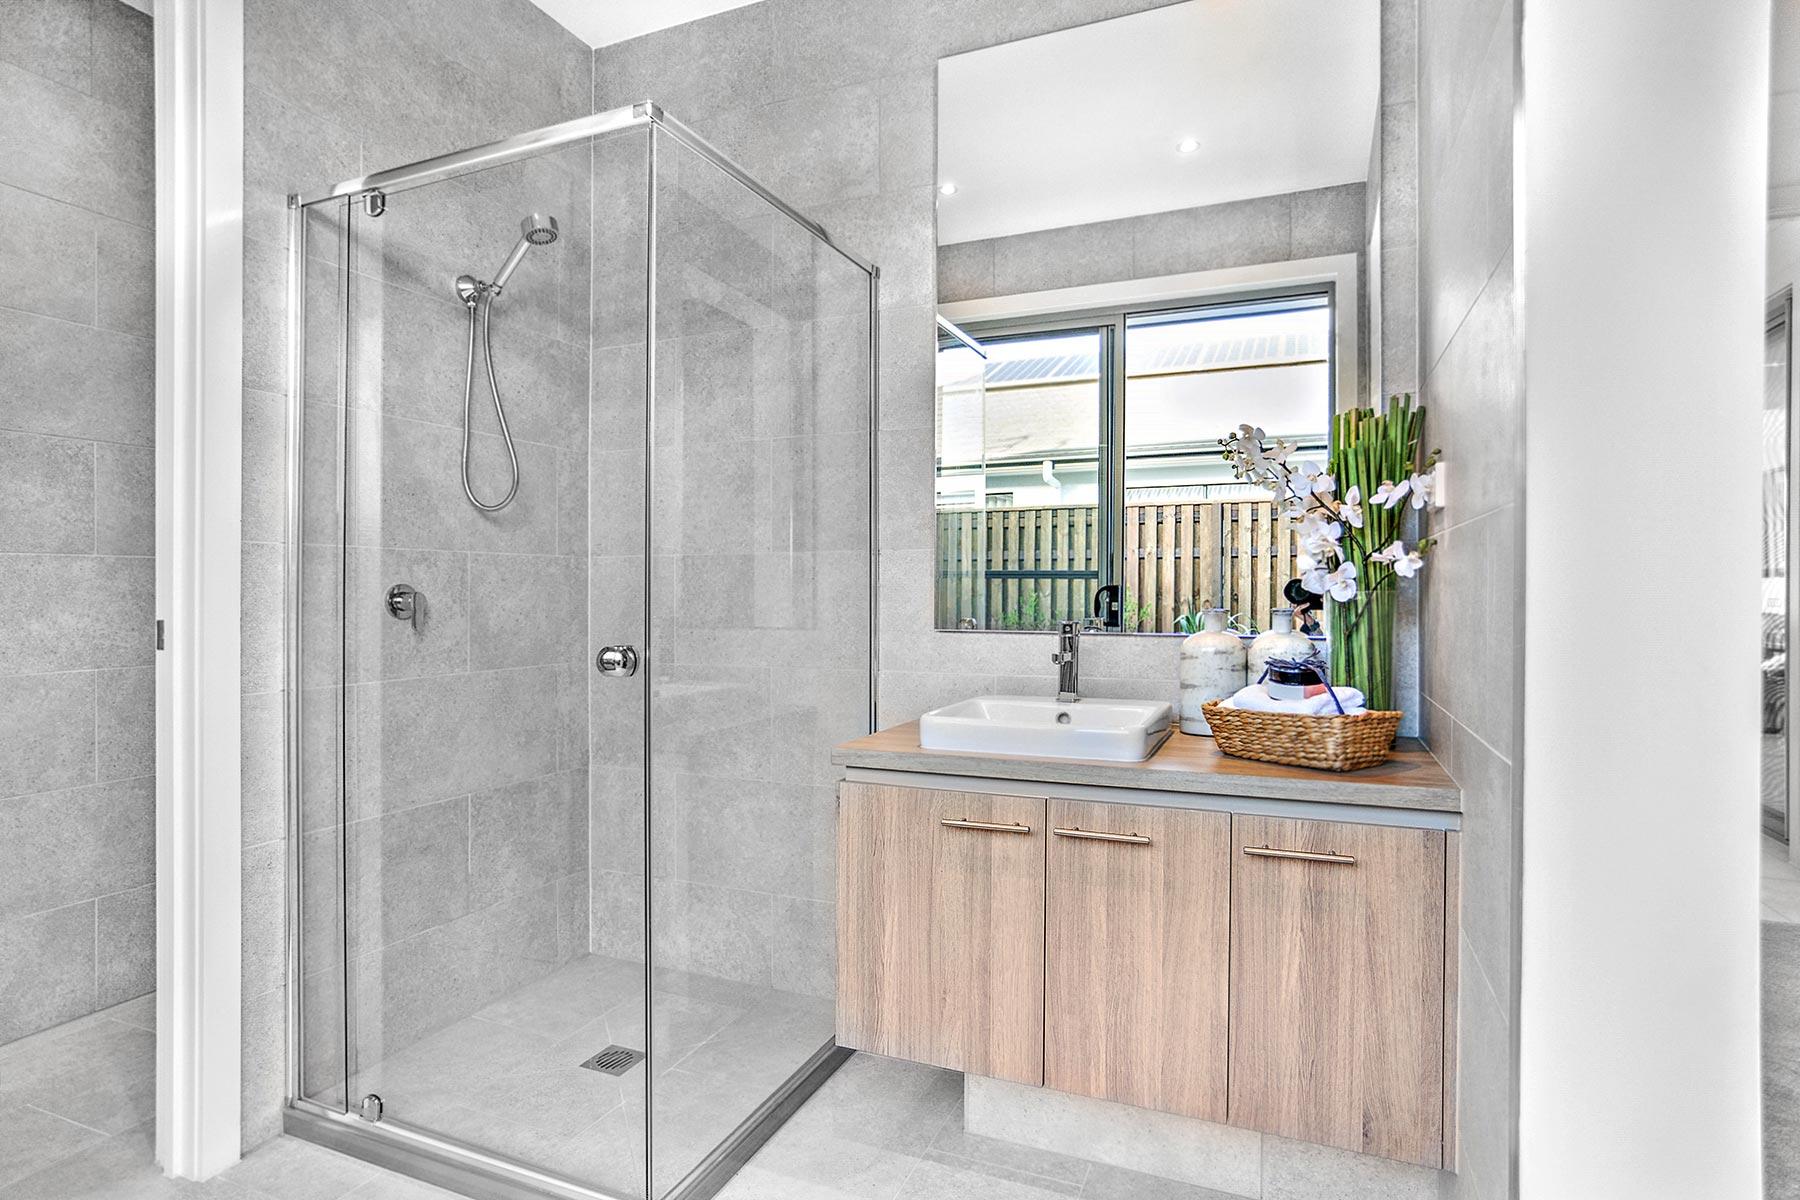 Scegliere l illuminazione adatta per il bagno ville casali